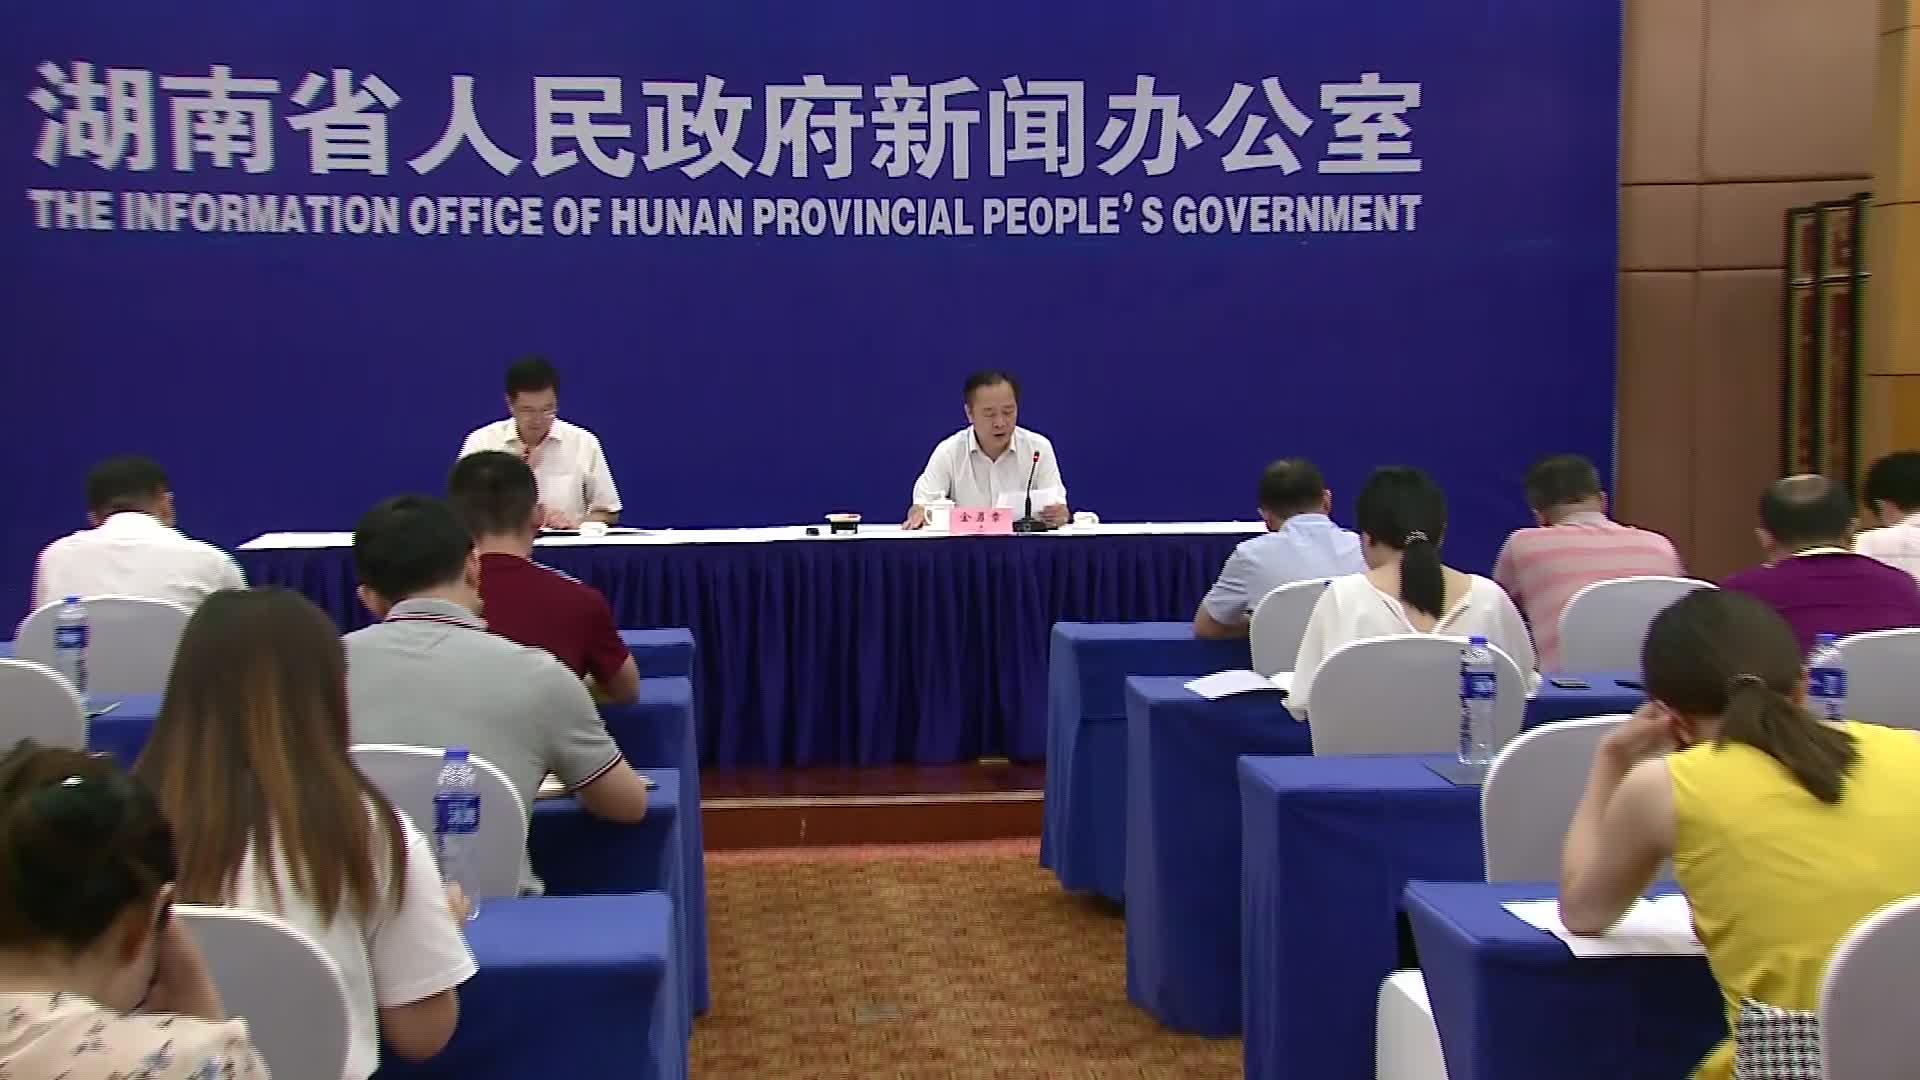 【全程回放】湖南省加强生态优先绿色发展的空间管控能力建设情况和下一步举措新闻发布会